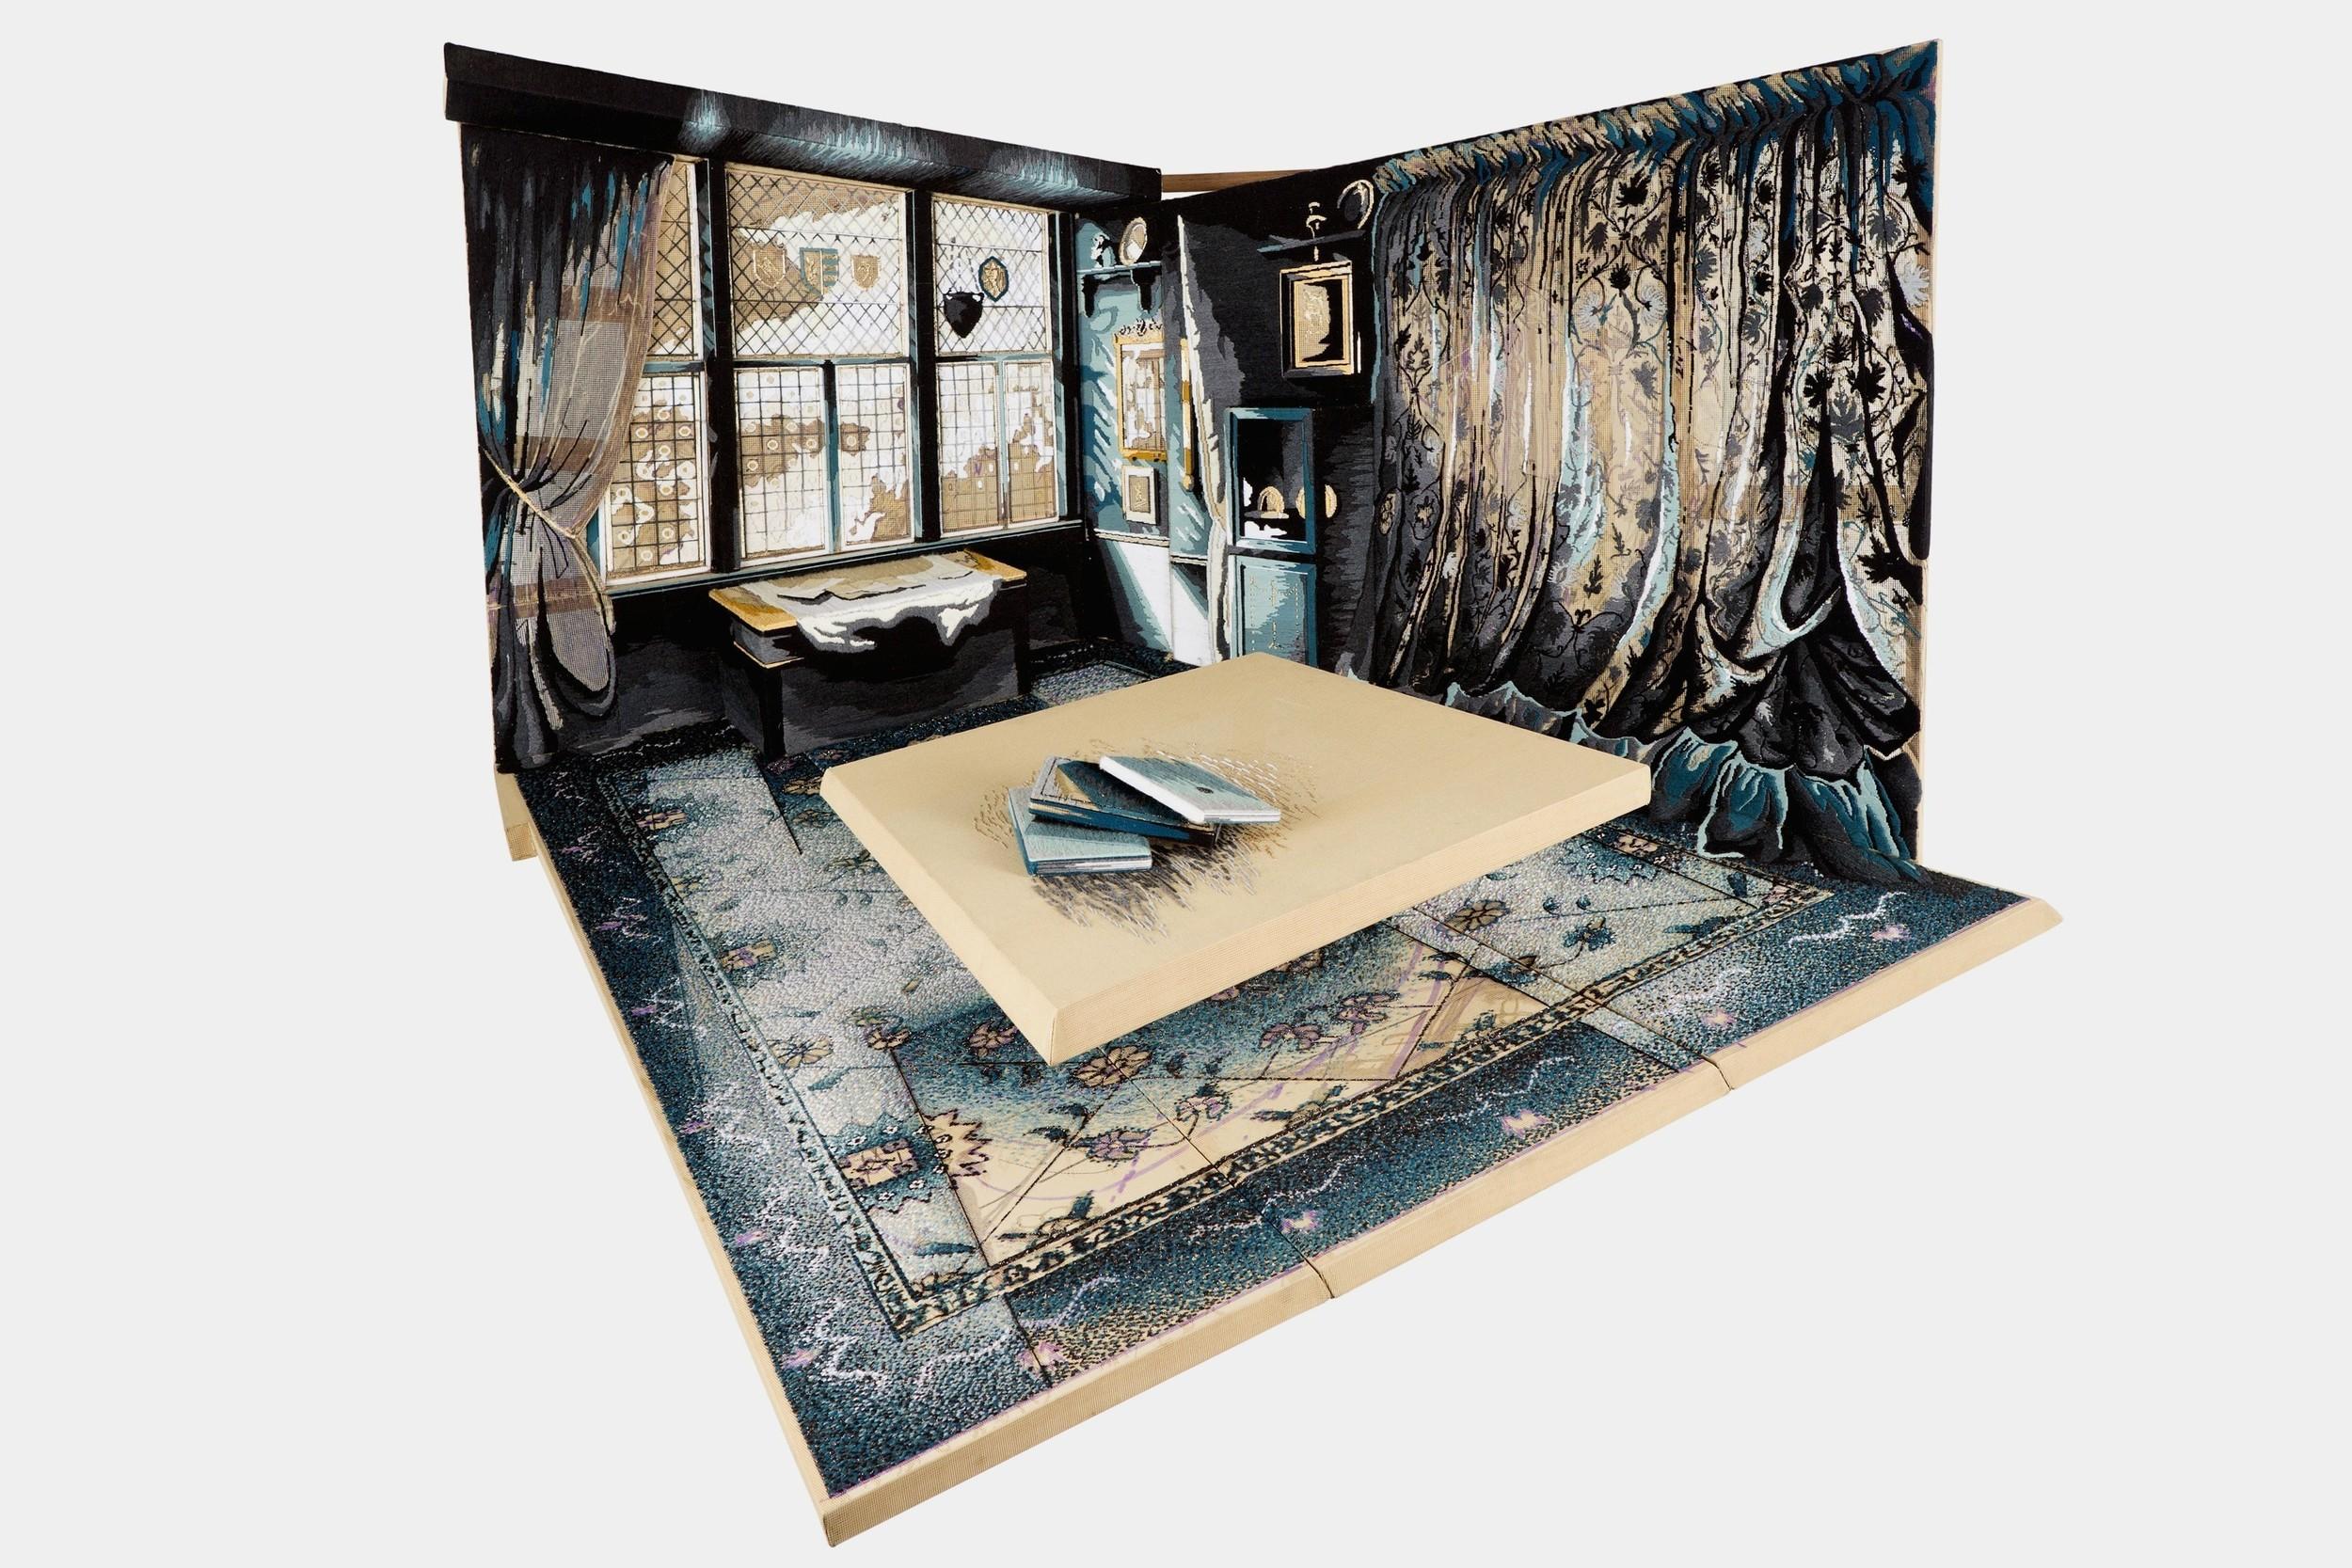 4.Georgin Cue, 'The Aleph', 2010, Acrylic yarn on tapestry canvas, 198cm by 187cm by 133cm 8.11.40 pm.jpg